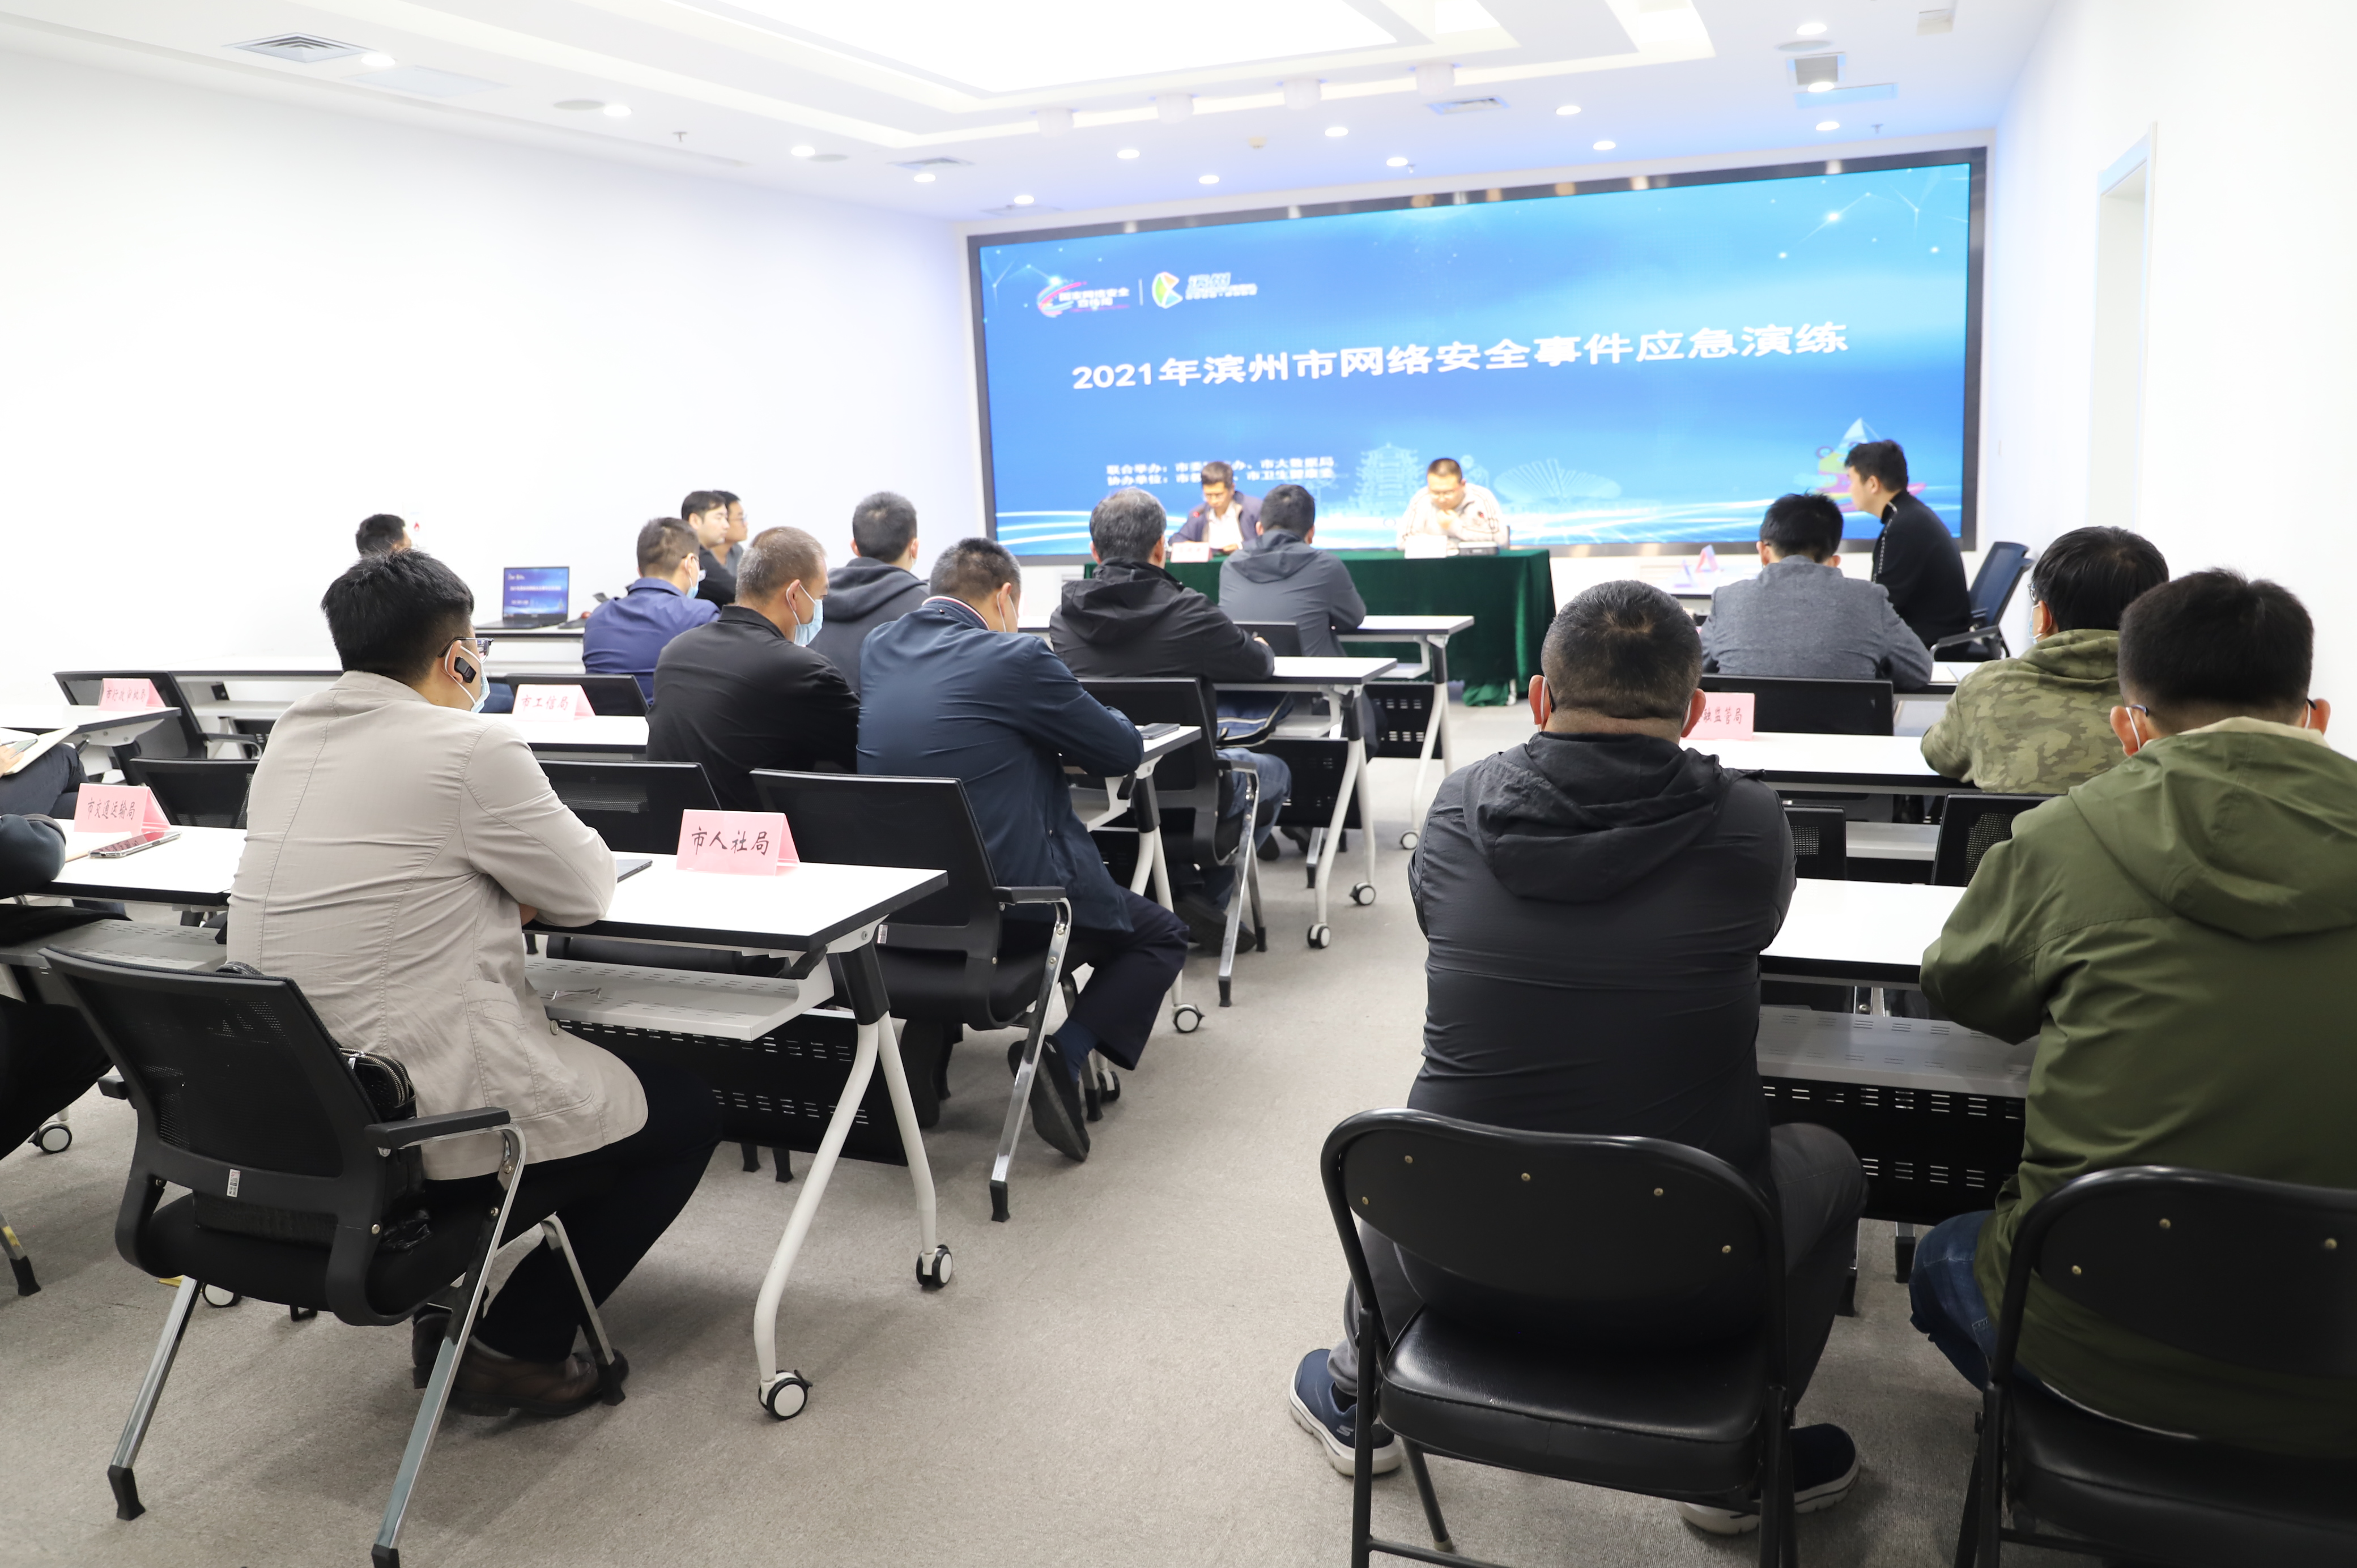 滨州市组织开展网络安全事件应急演练